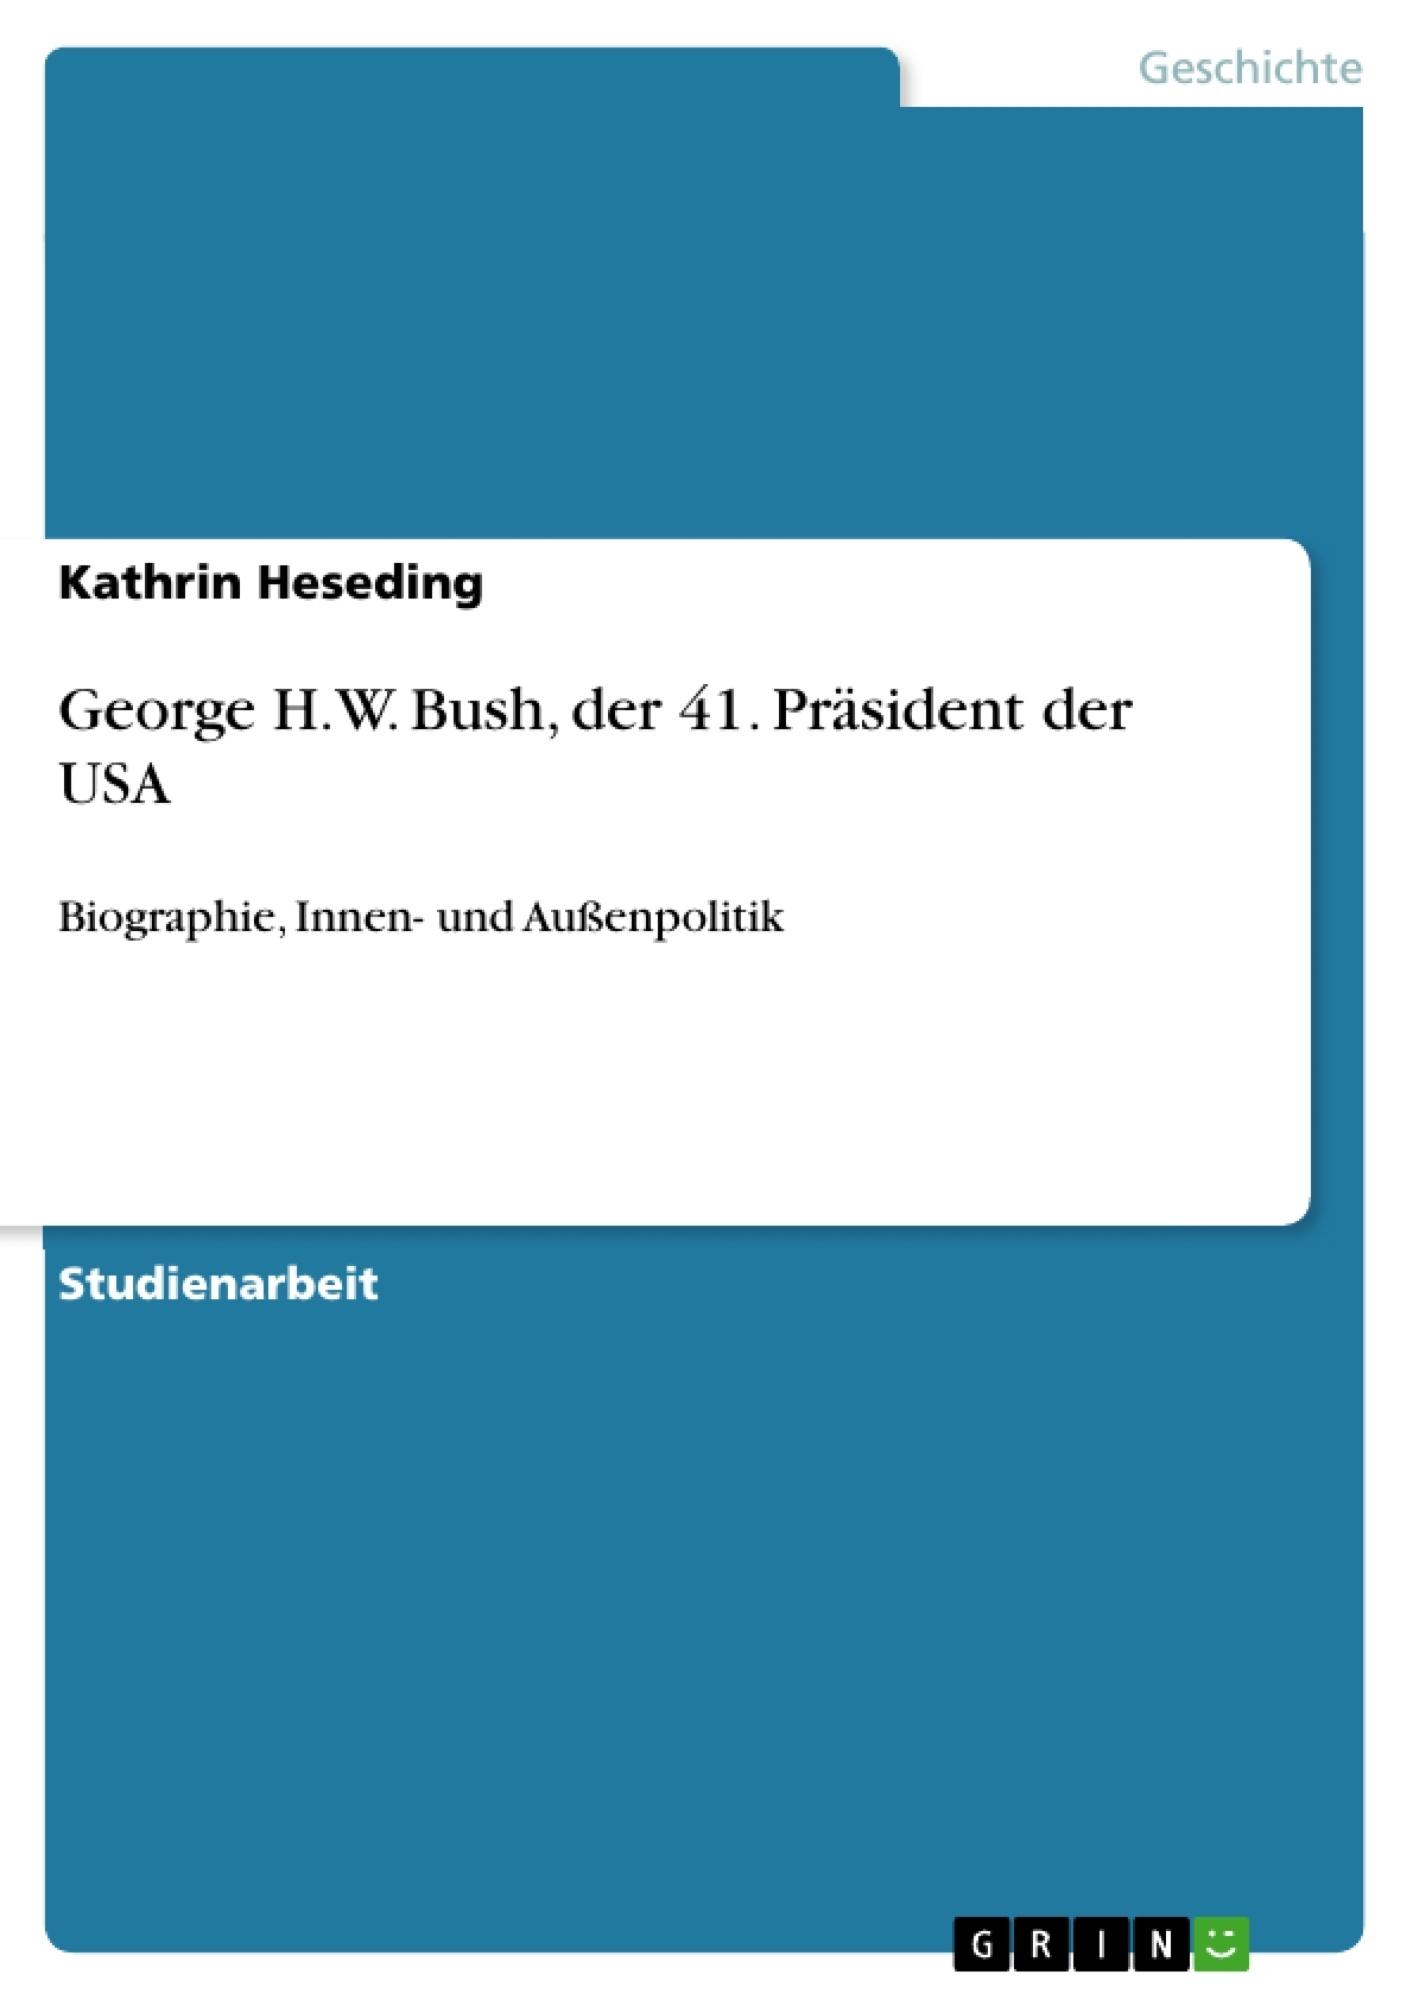 Titel: George H.W. Bush, der 41. Präsident der USA